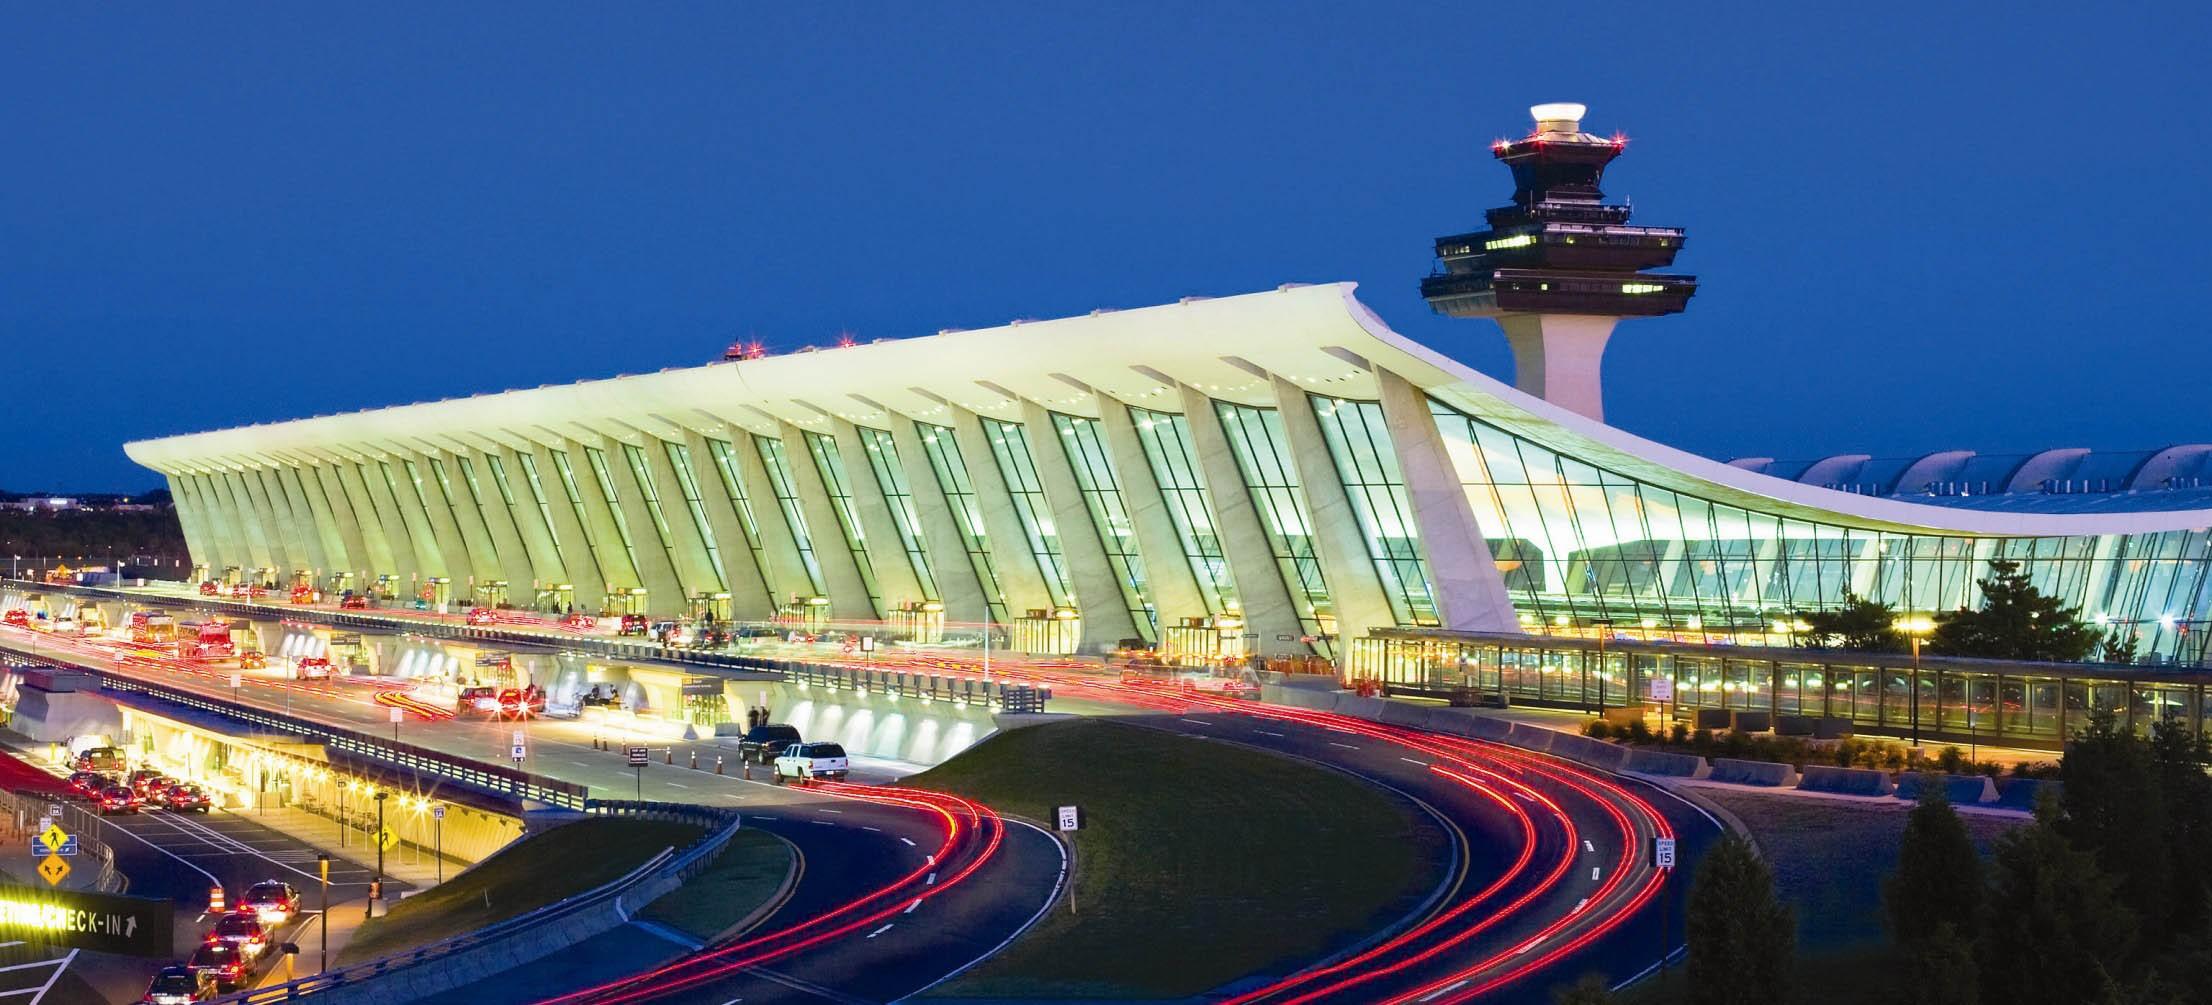 なんと無料!! トランジットで市内観光ツアーに参加できる空港まとめ